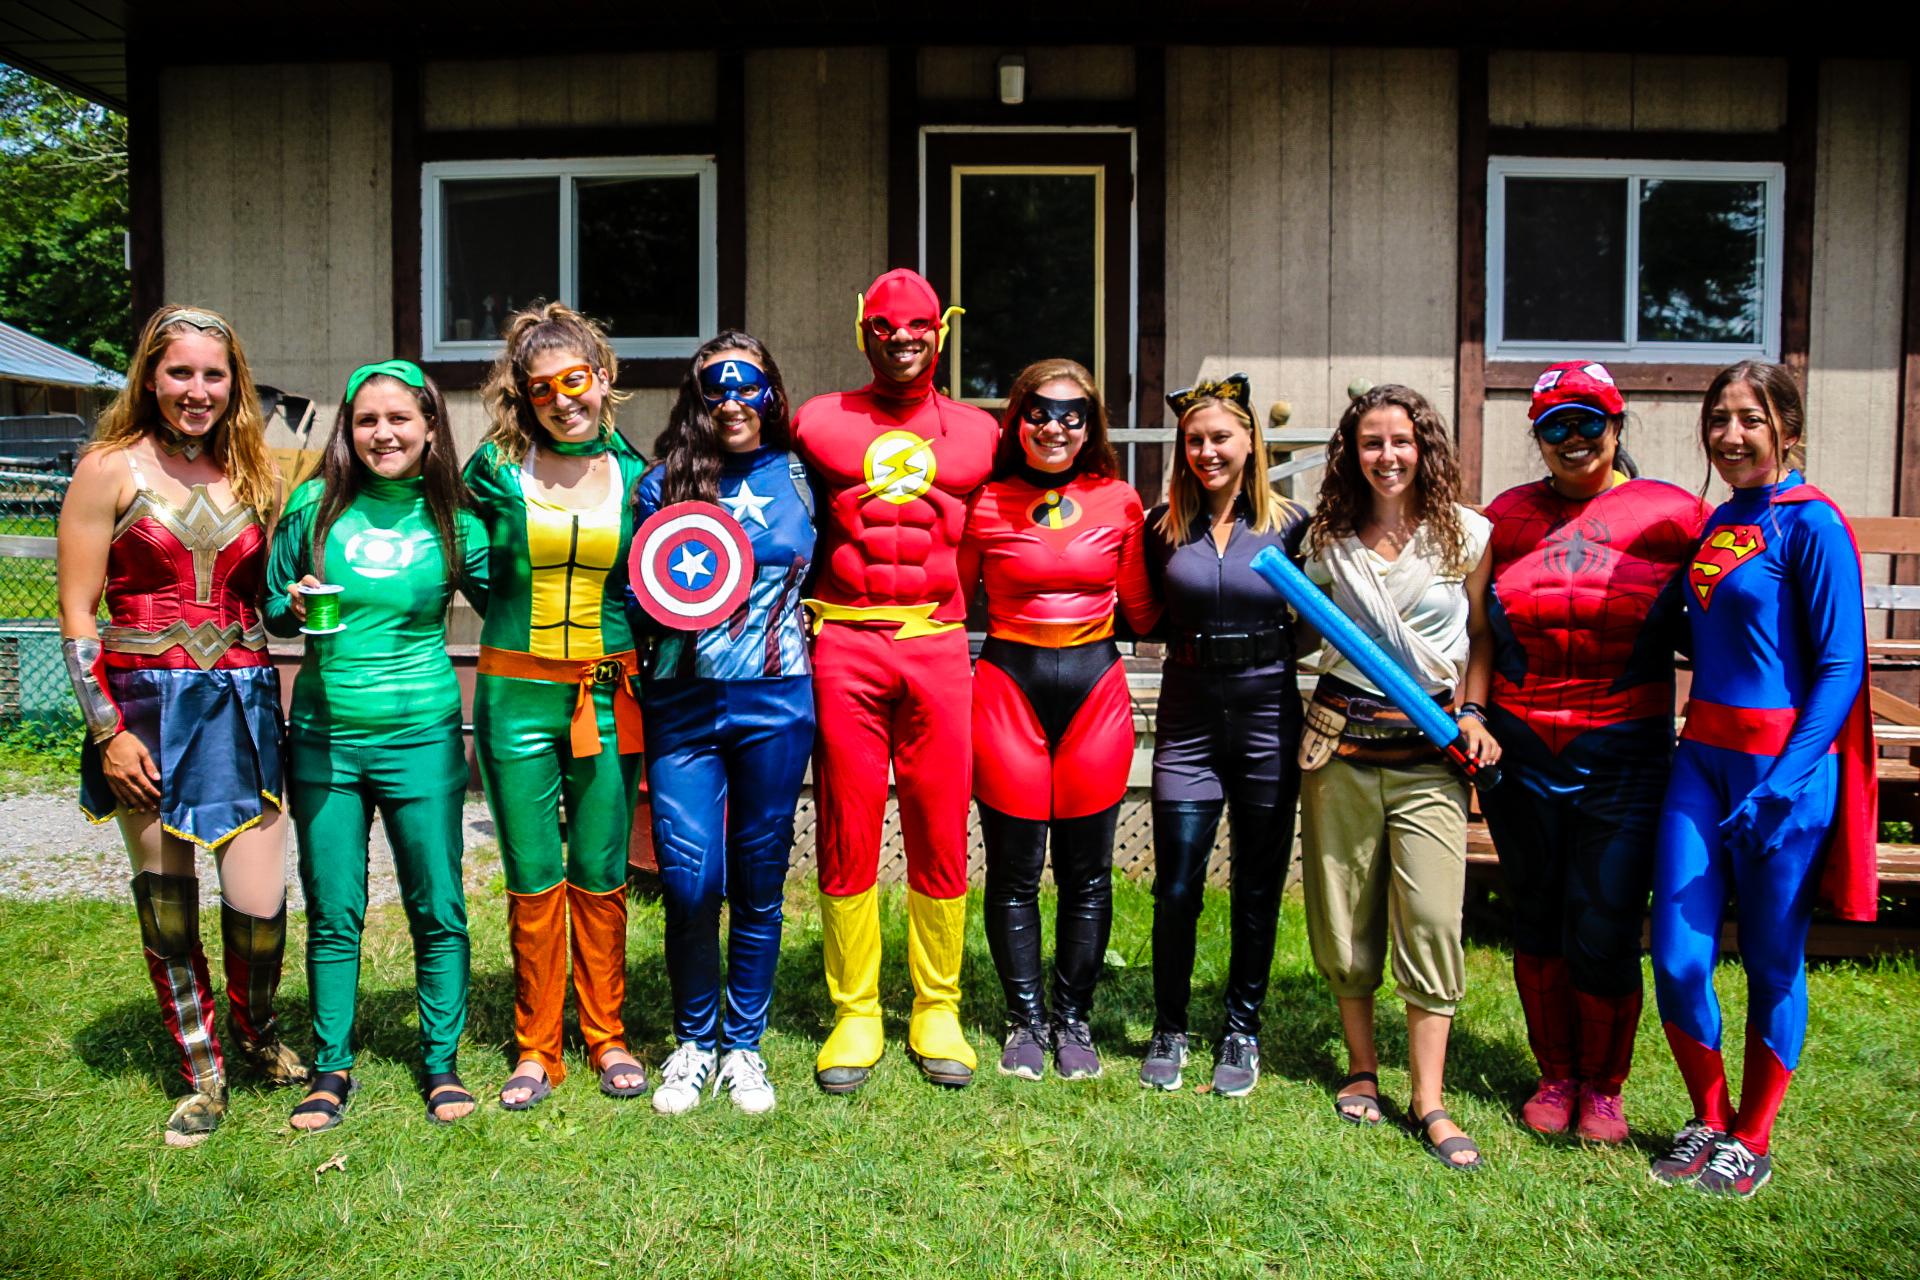 camp staff in super hero costumes